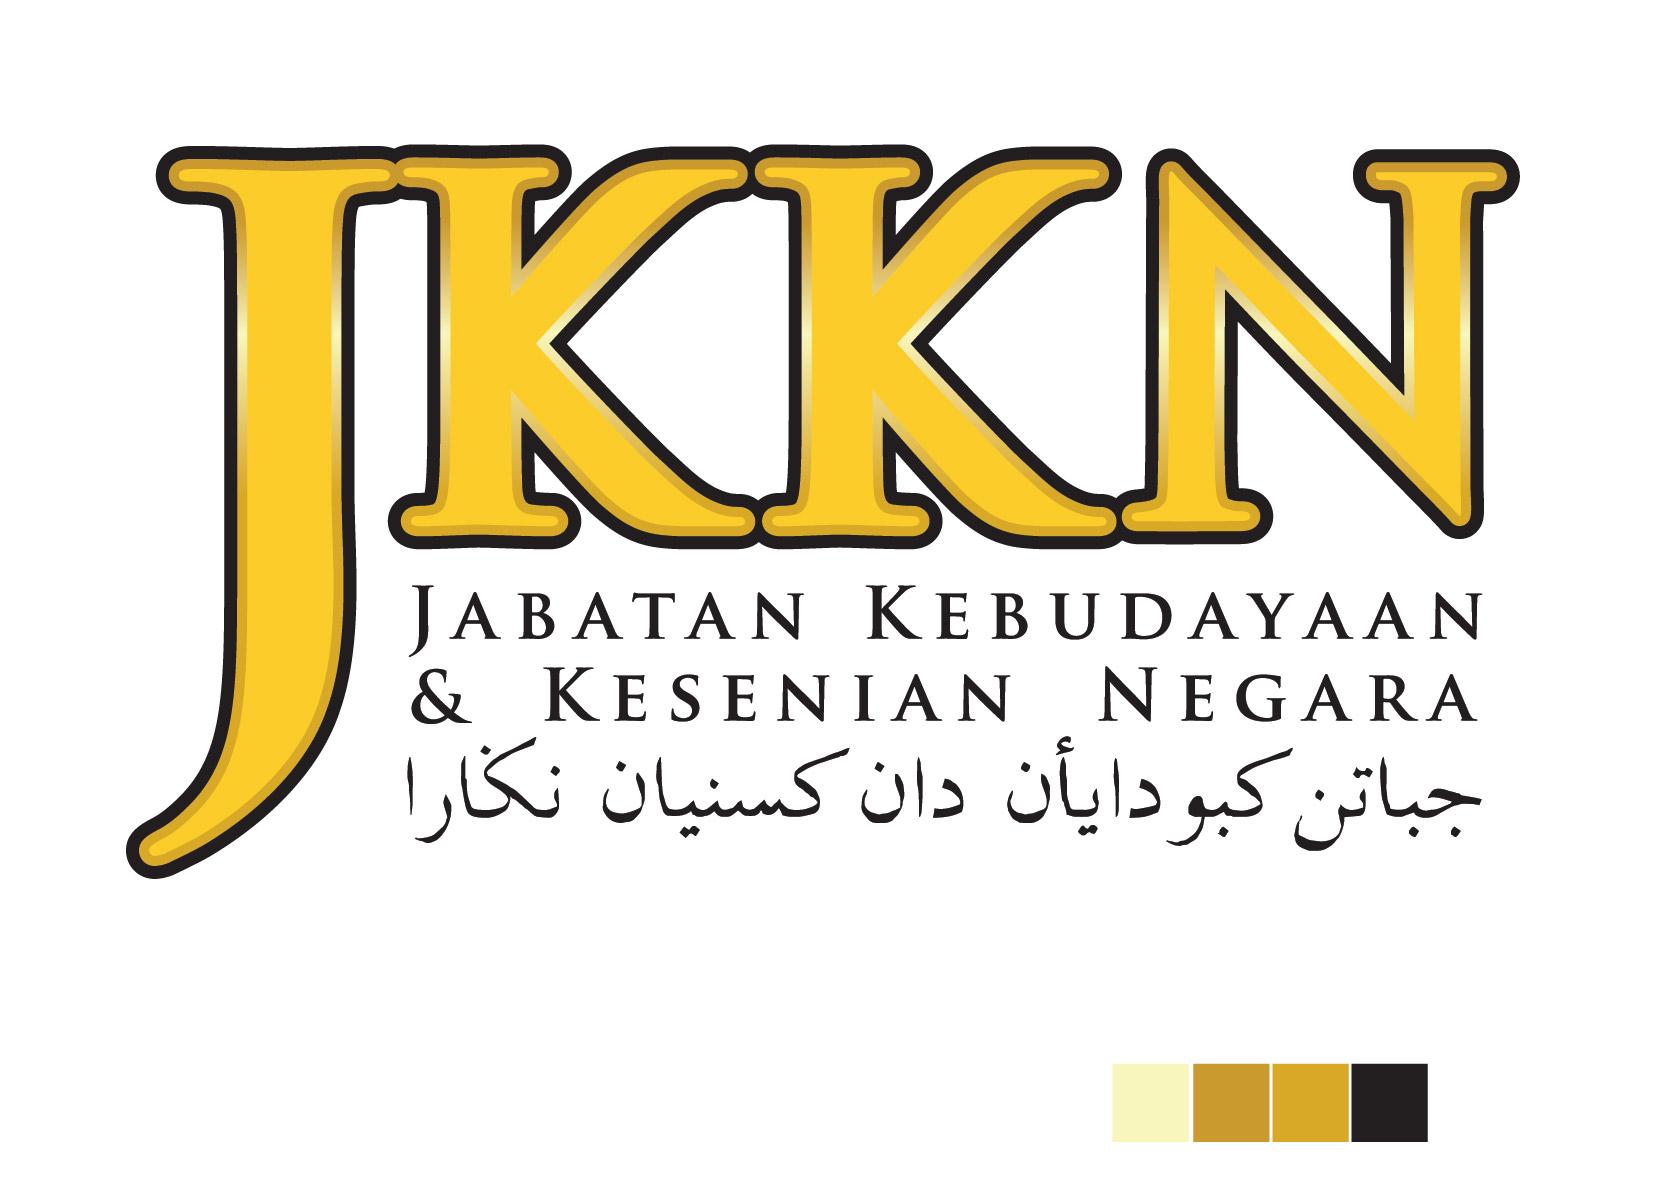 vectorise logo jabatan kebudayaan amp kesenian negara